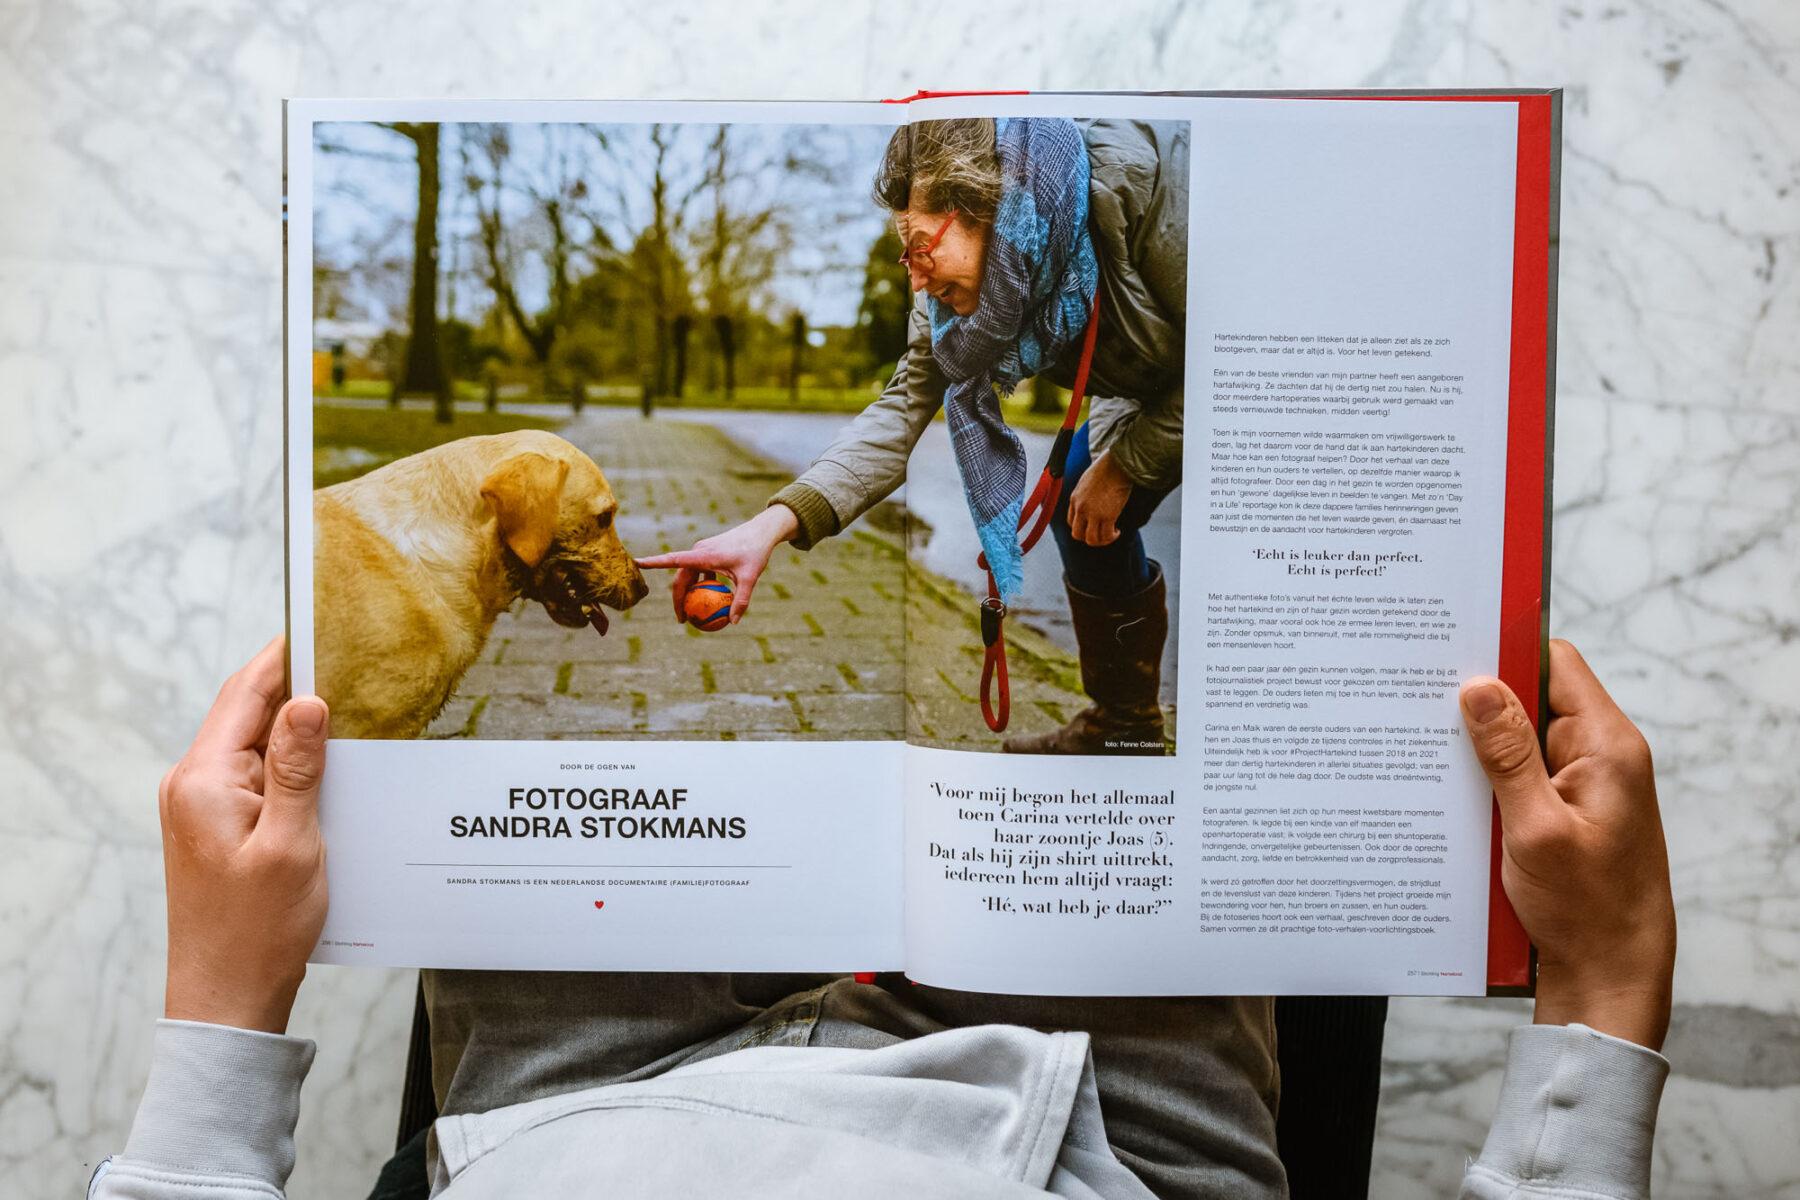 Boek-publicatie-pagina-documentaire-fotograaf-Sandra-Stokmans-documentaire-fotografie-project-voor-Stichting-Hartekind_SSF1550